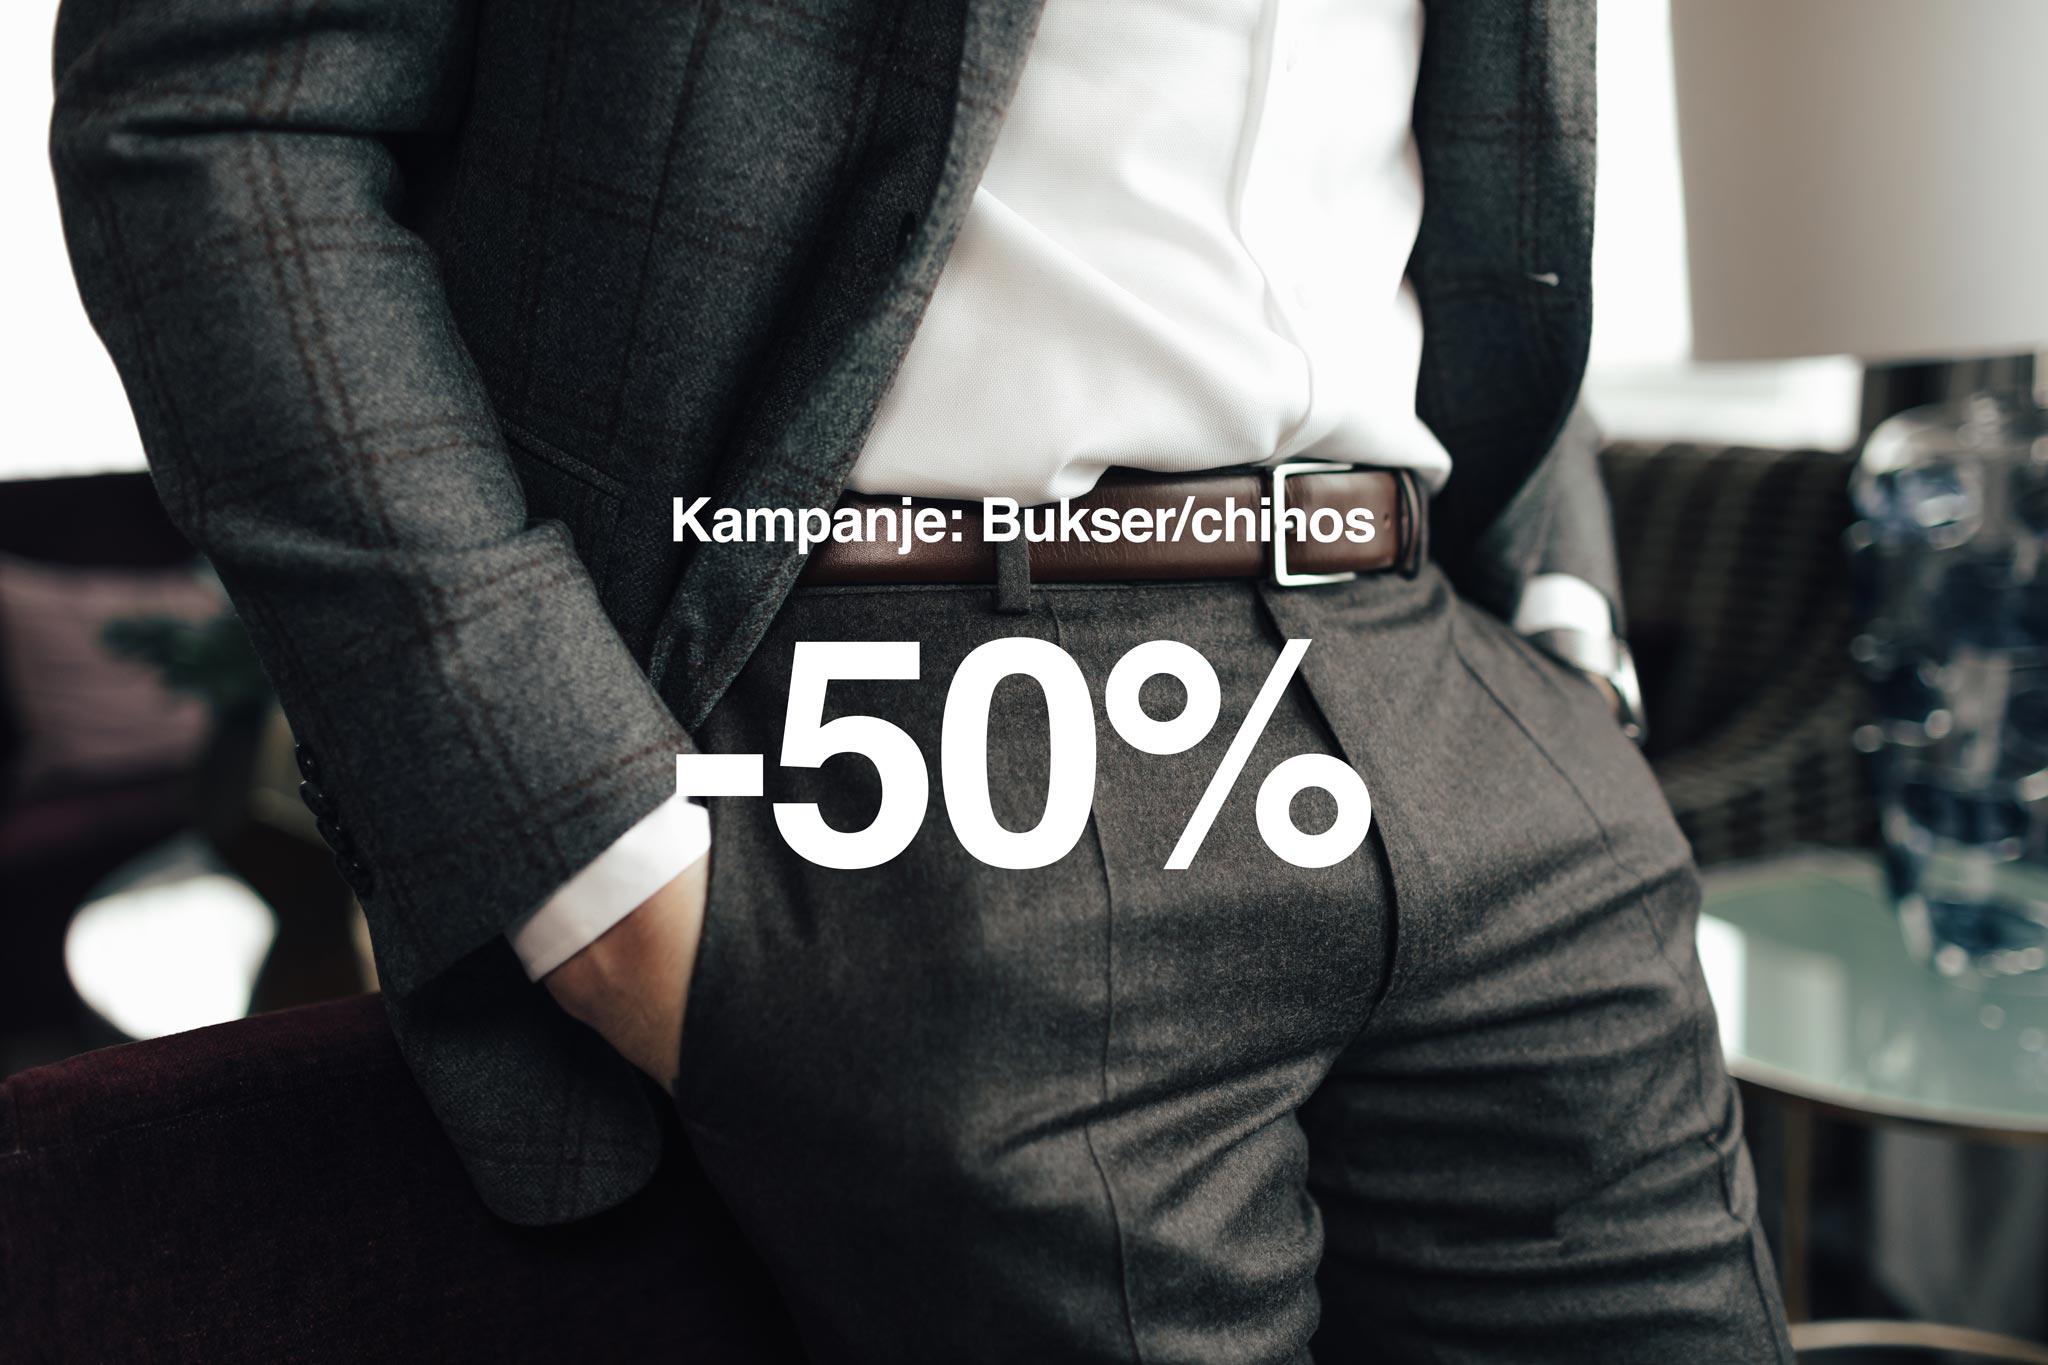 Kampanje på bukser/chinos: -50% på hele kolleksjonen!